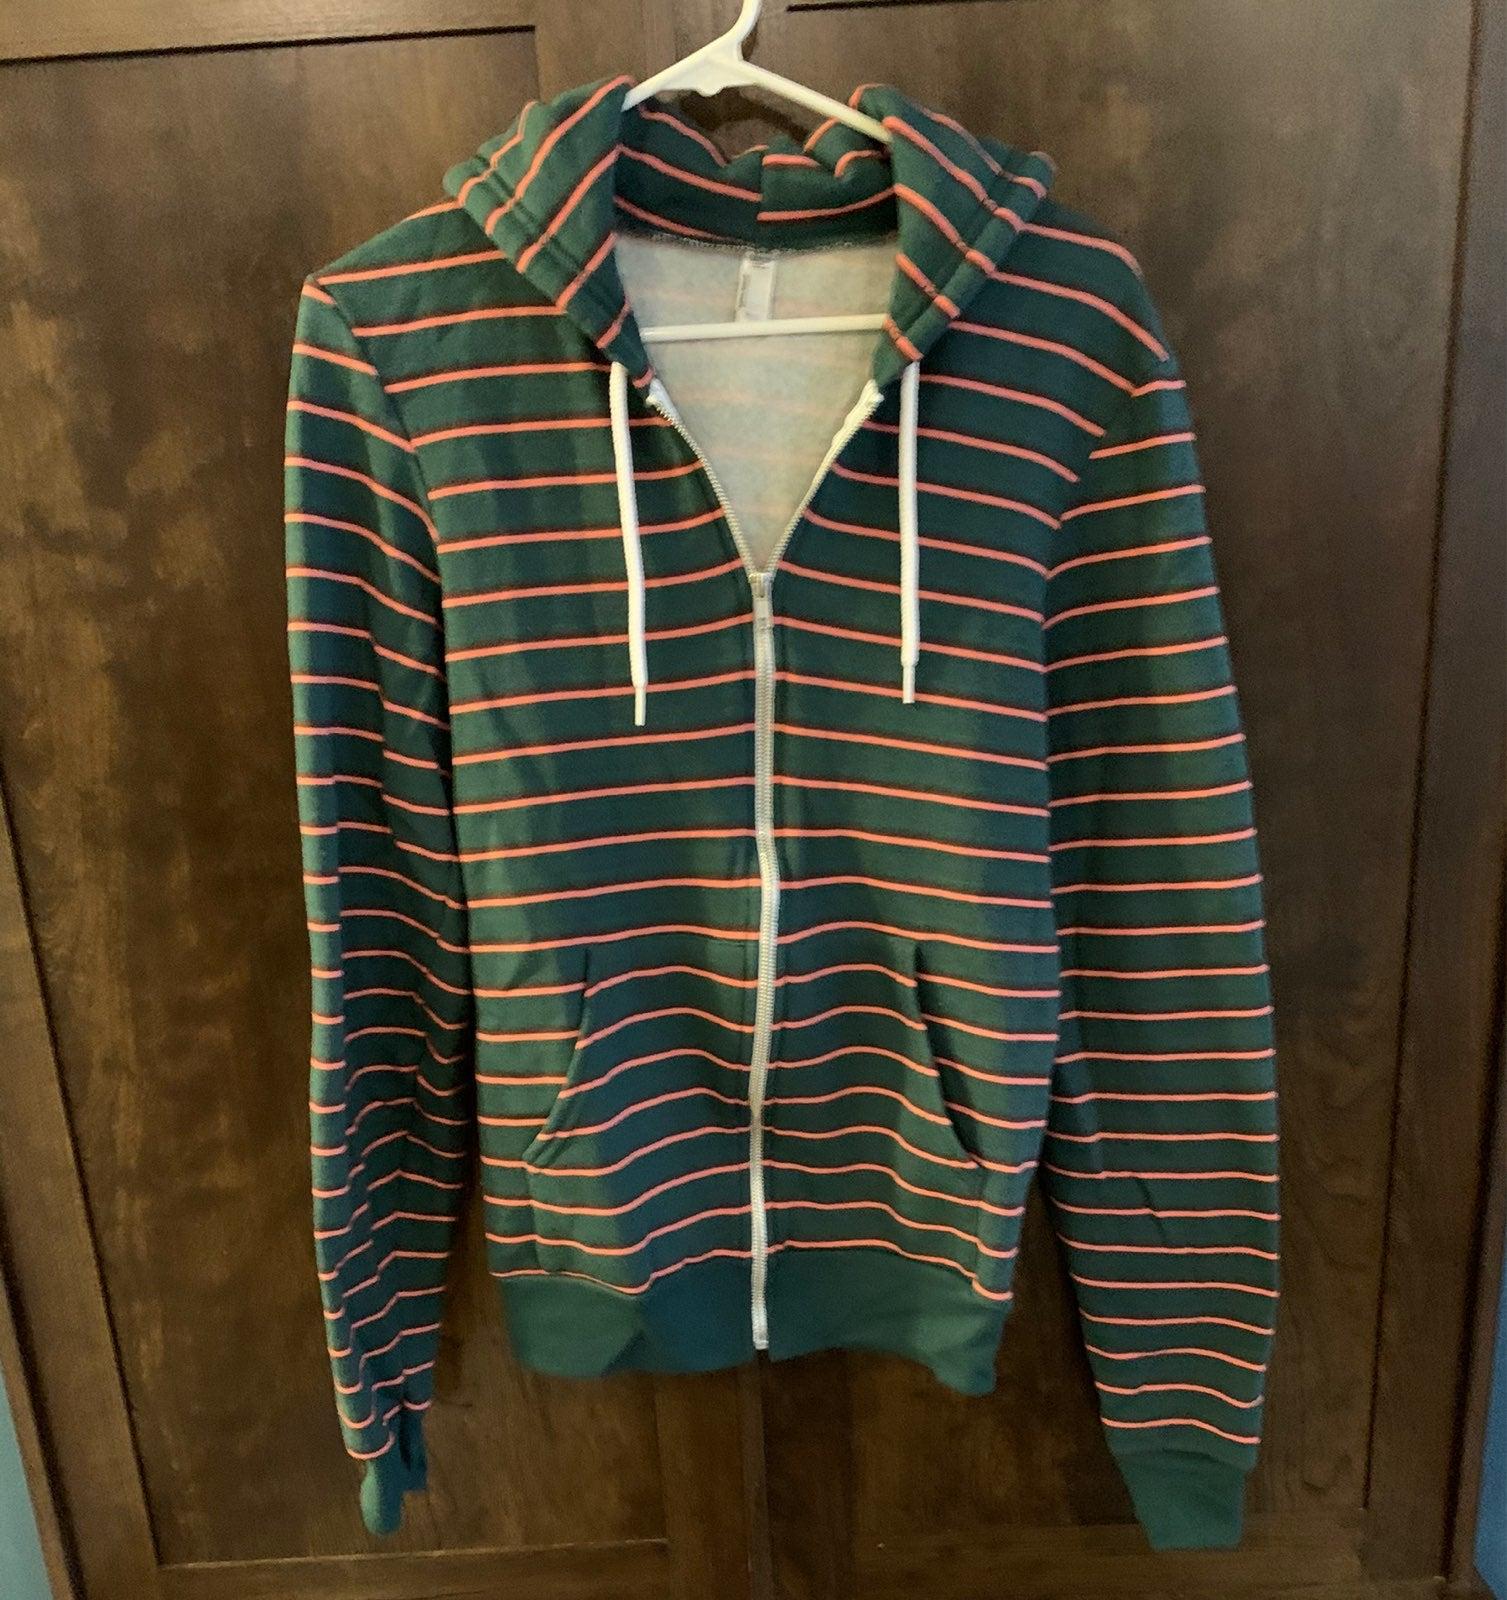 American Apparel zip up hoodie